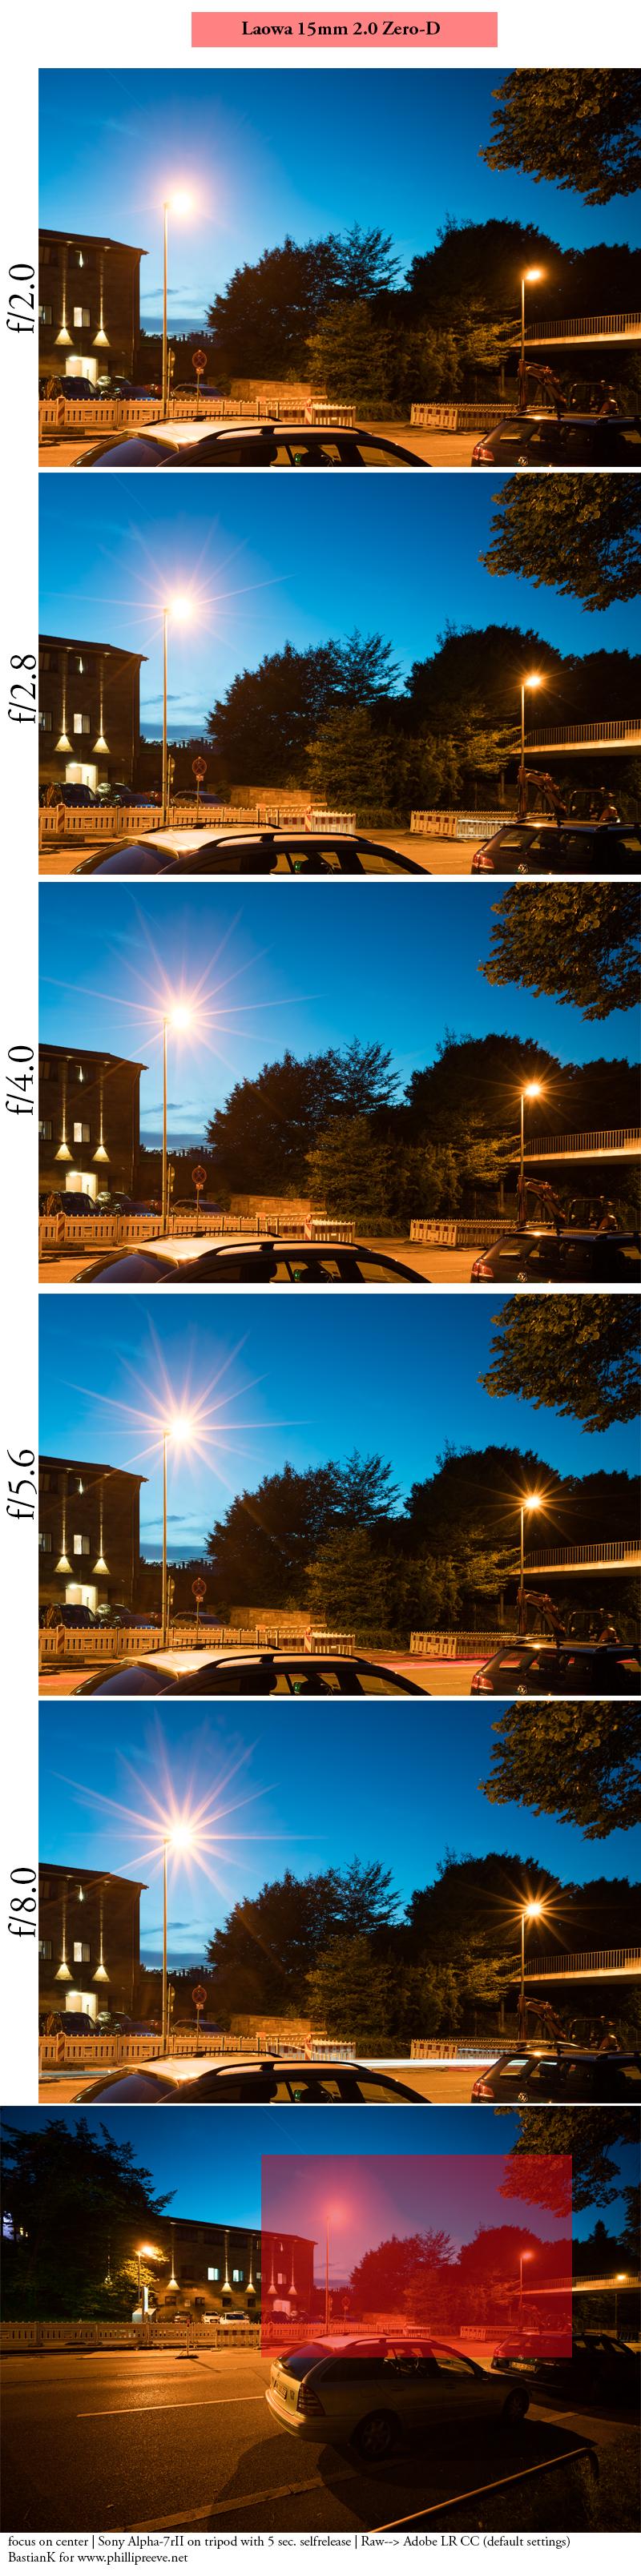 laowa 15mm 2.0 fe venus optics review sunstars blende blendensterne